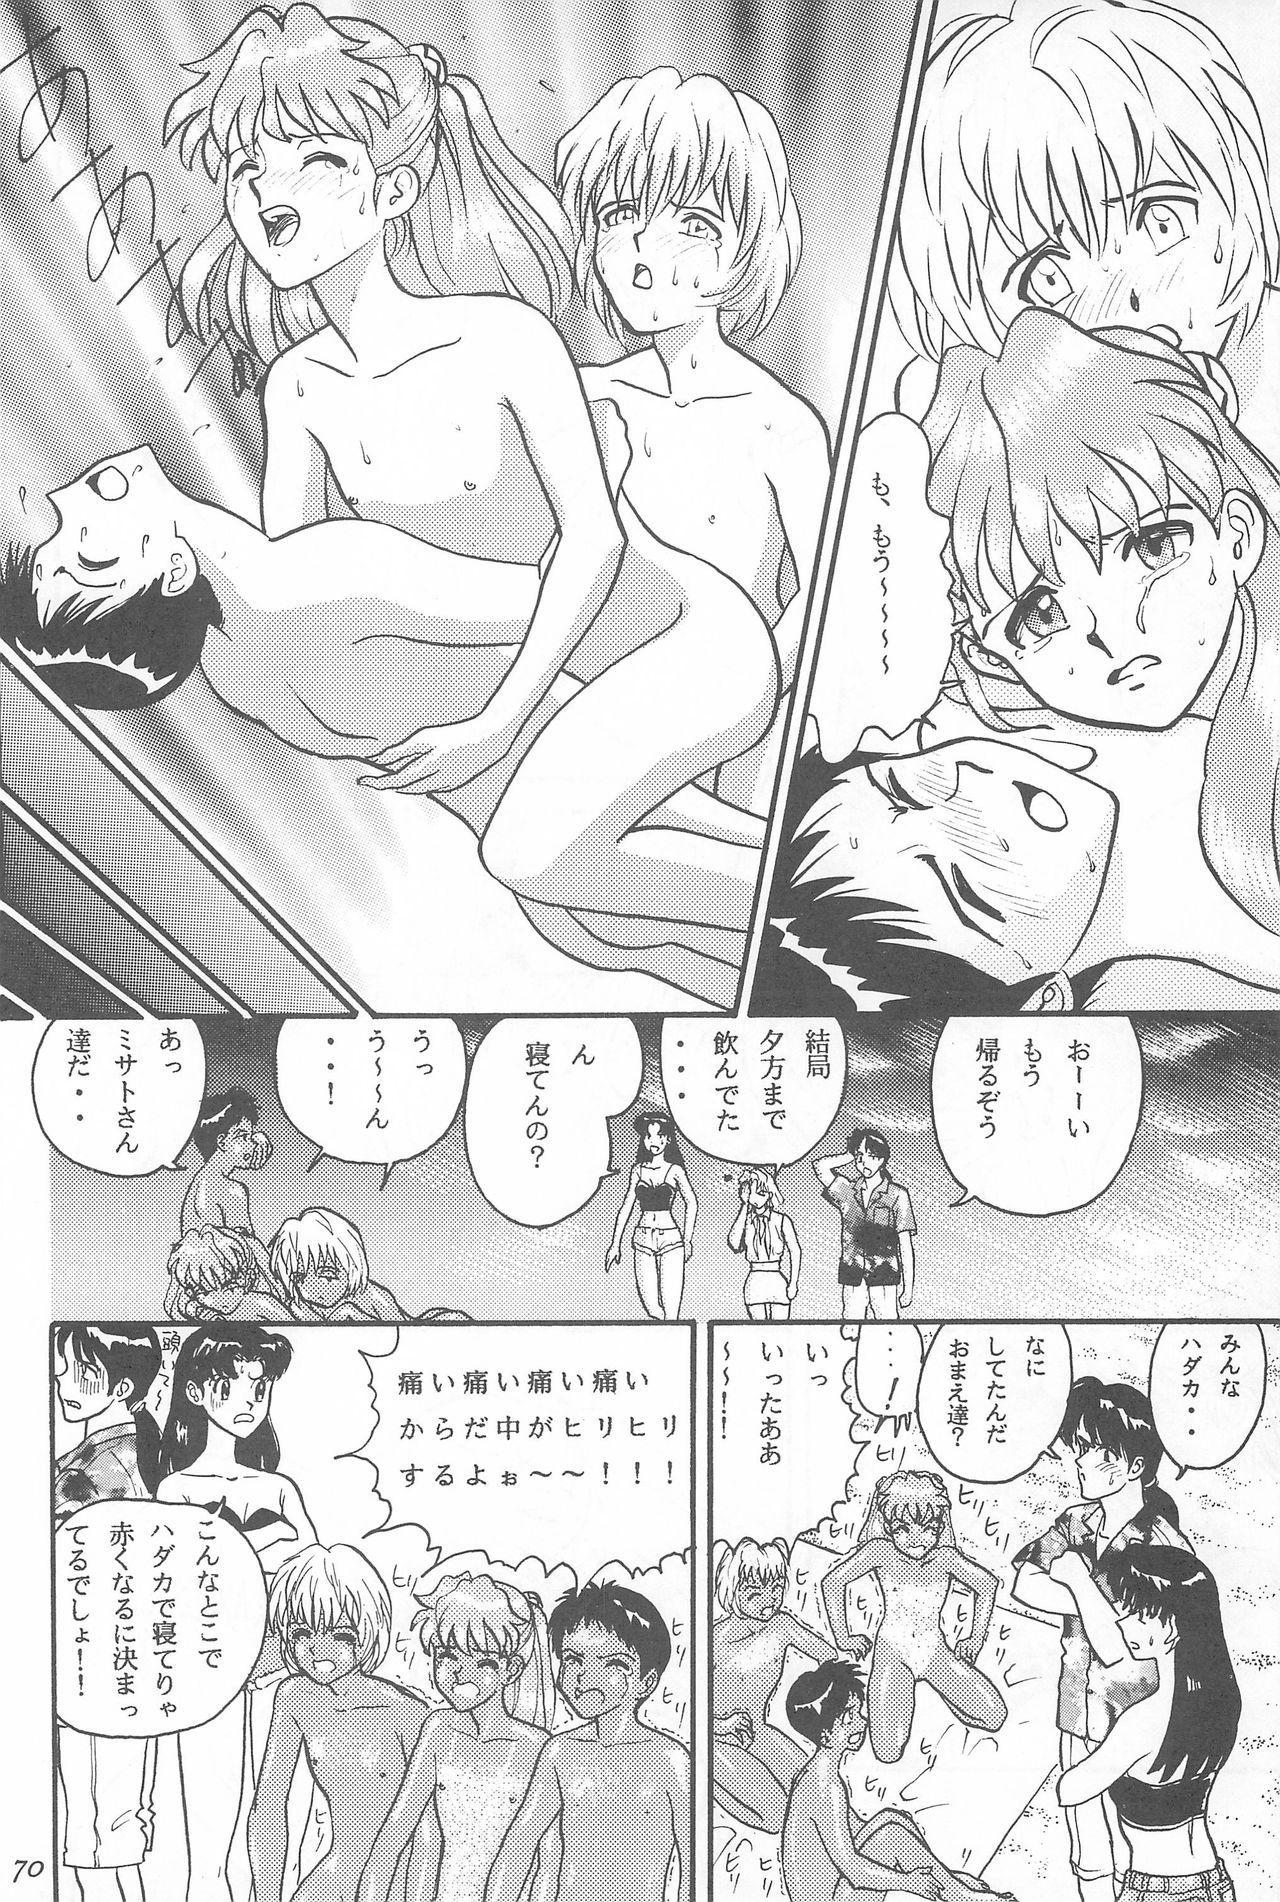 Youseiki Evanlolibon 69